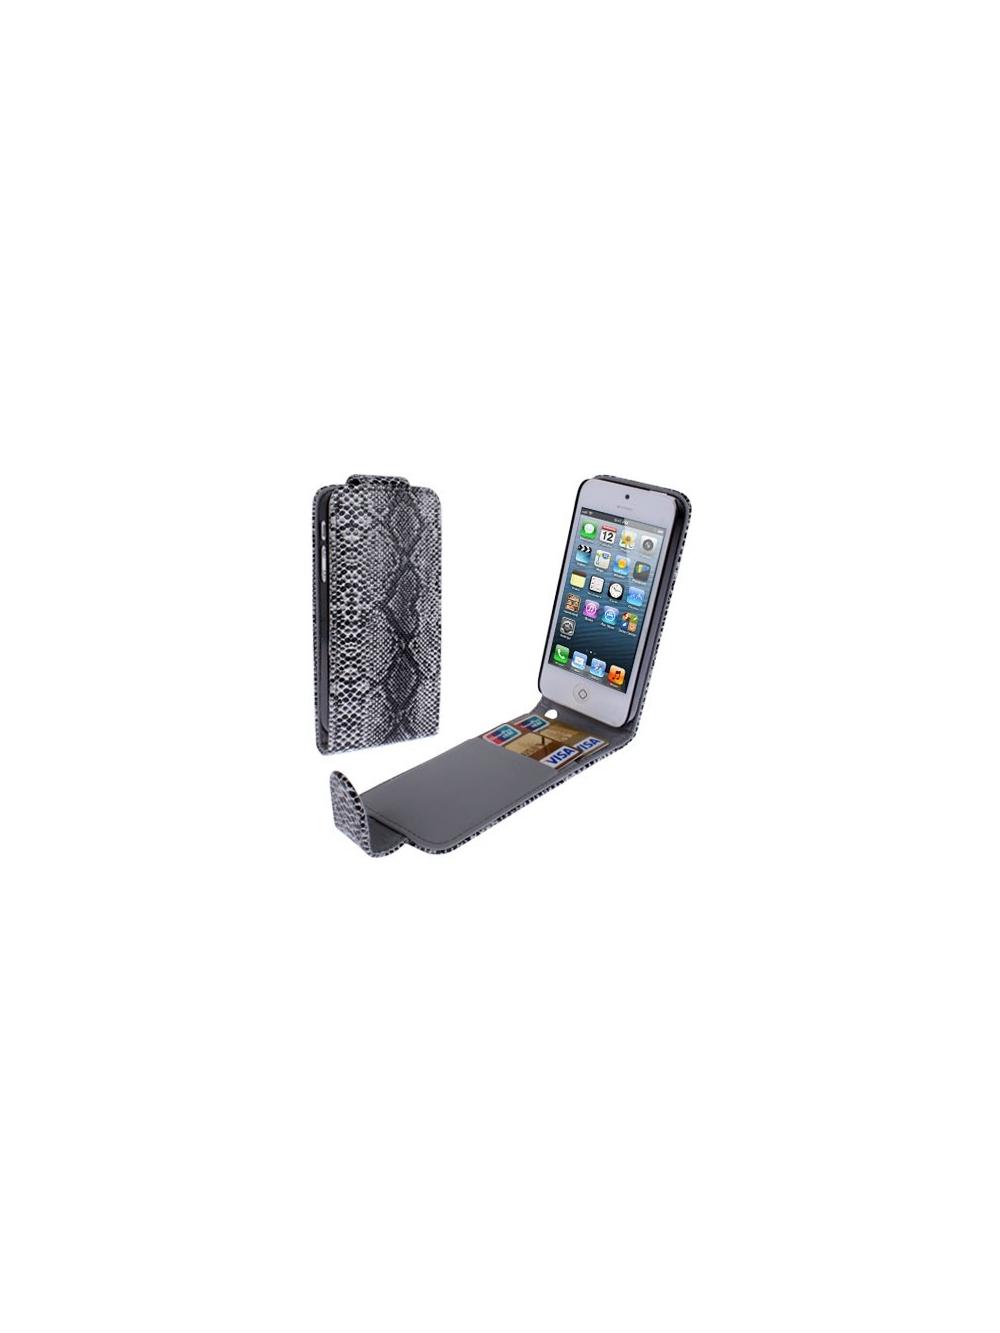 Diárové kožené púzdro pre iPhone 5 5S s hadím povrchom  bba8db3123a